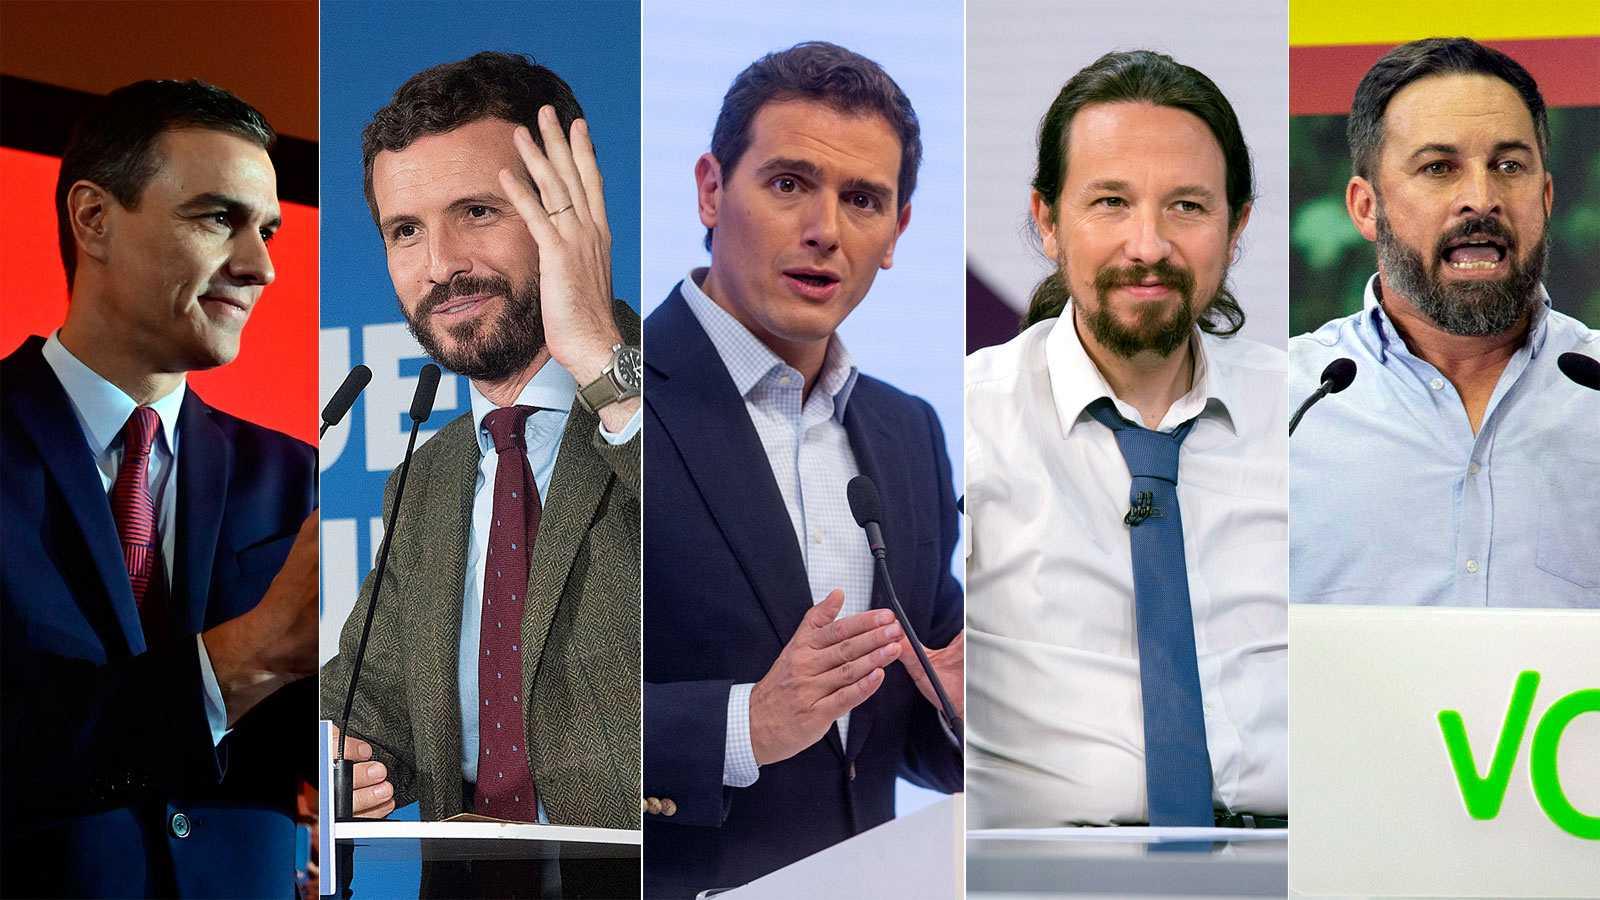 Ana Blanco y Vicente Vallés serán los moderadores del debate a cinco el próximo lunes